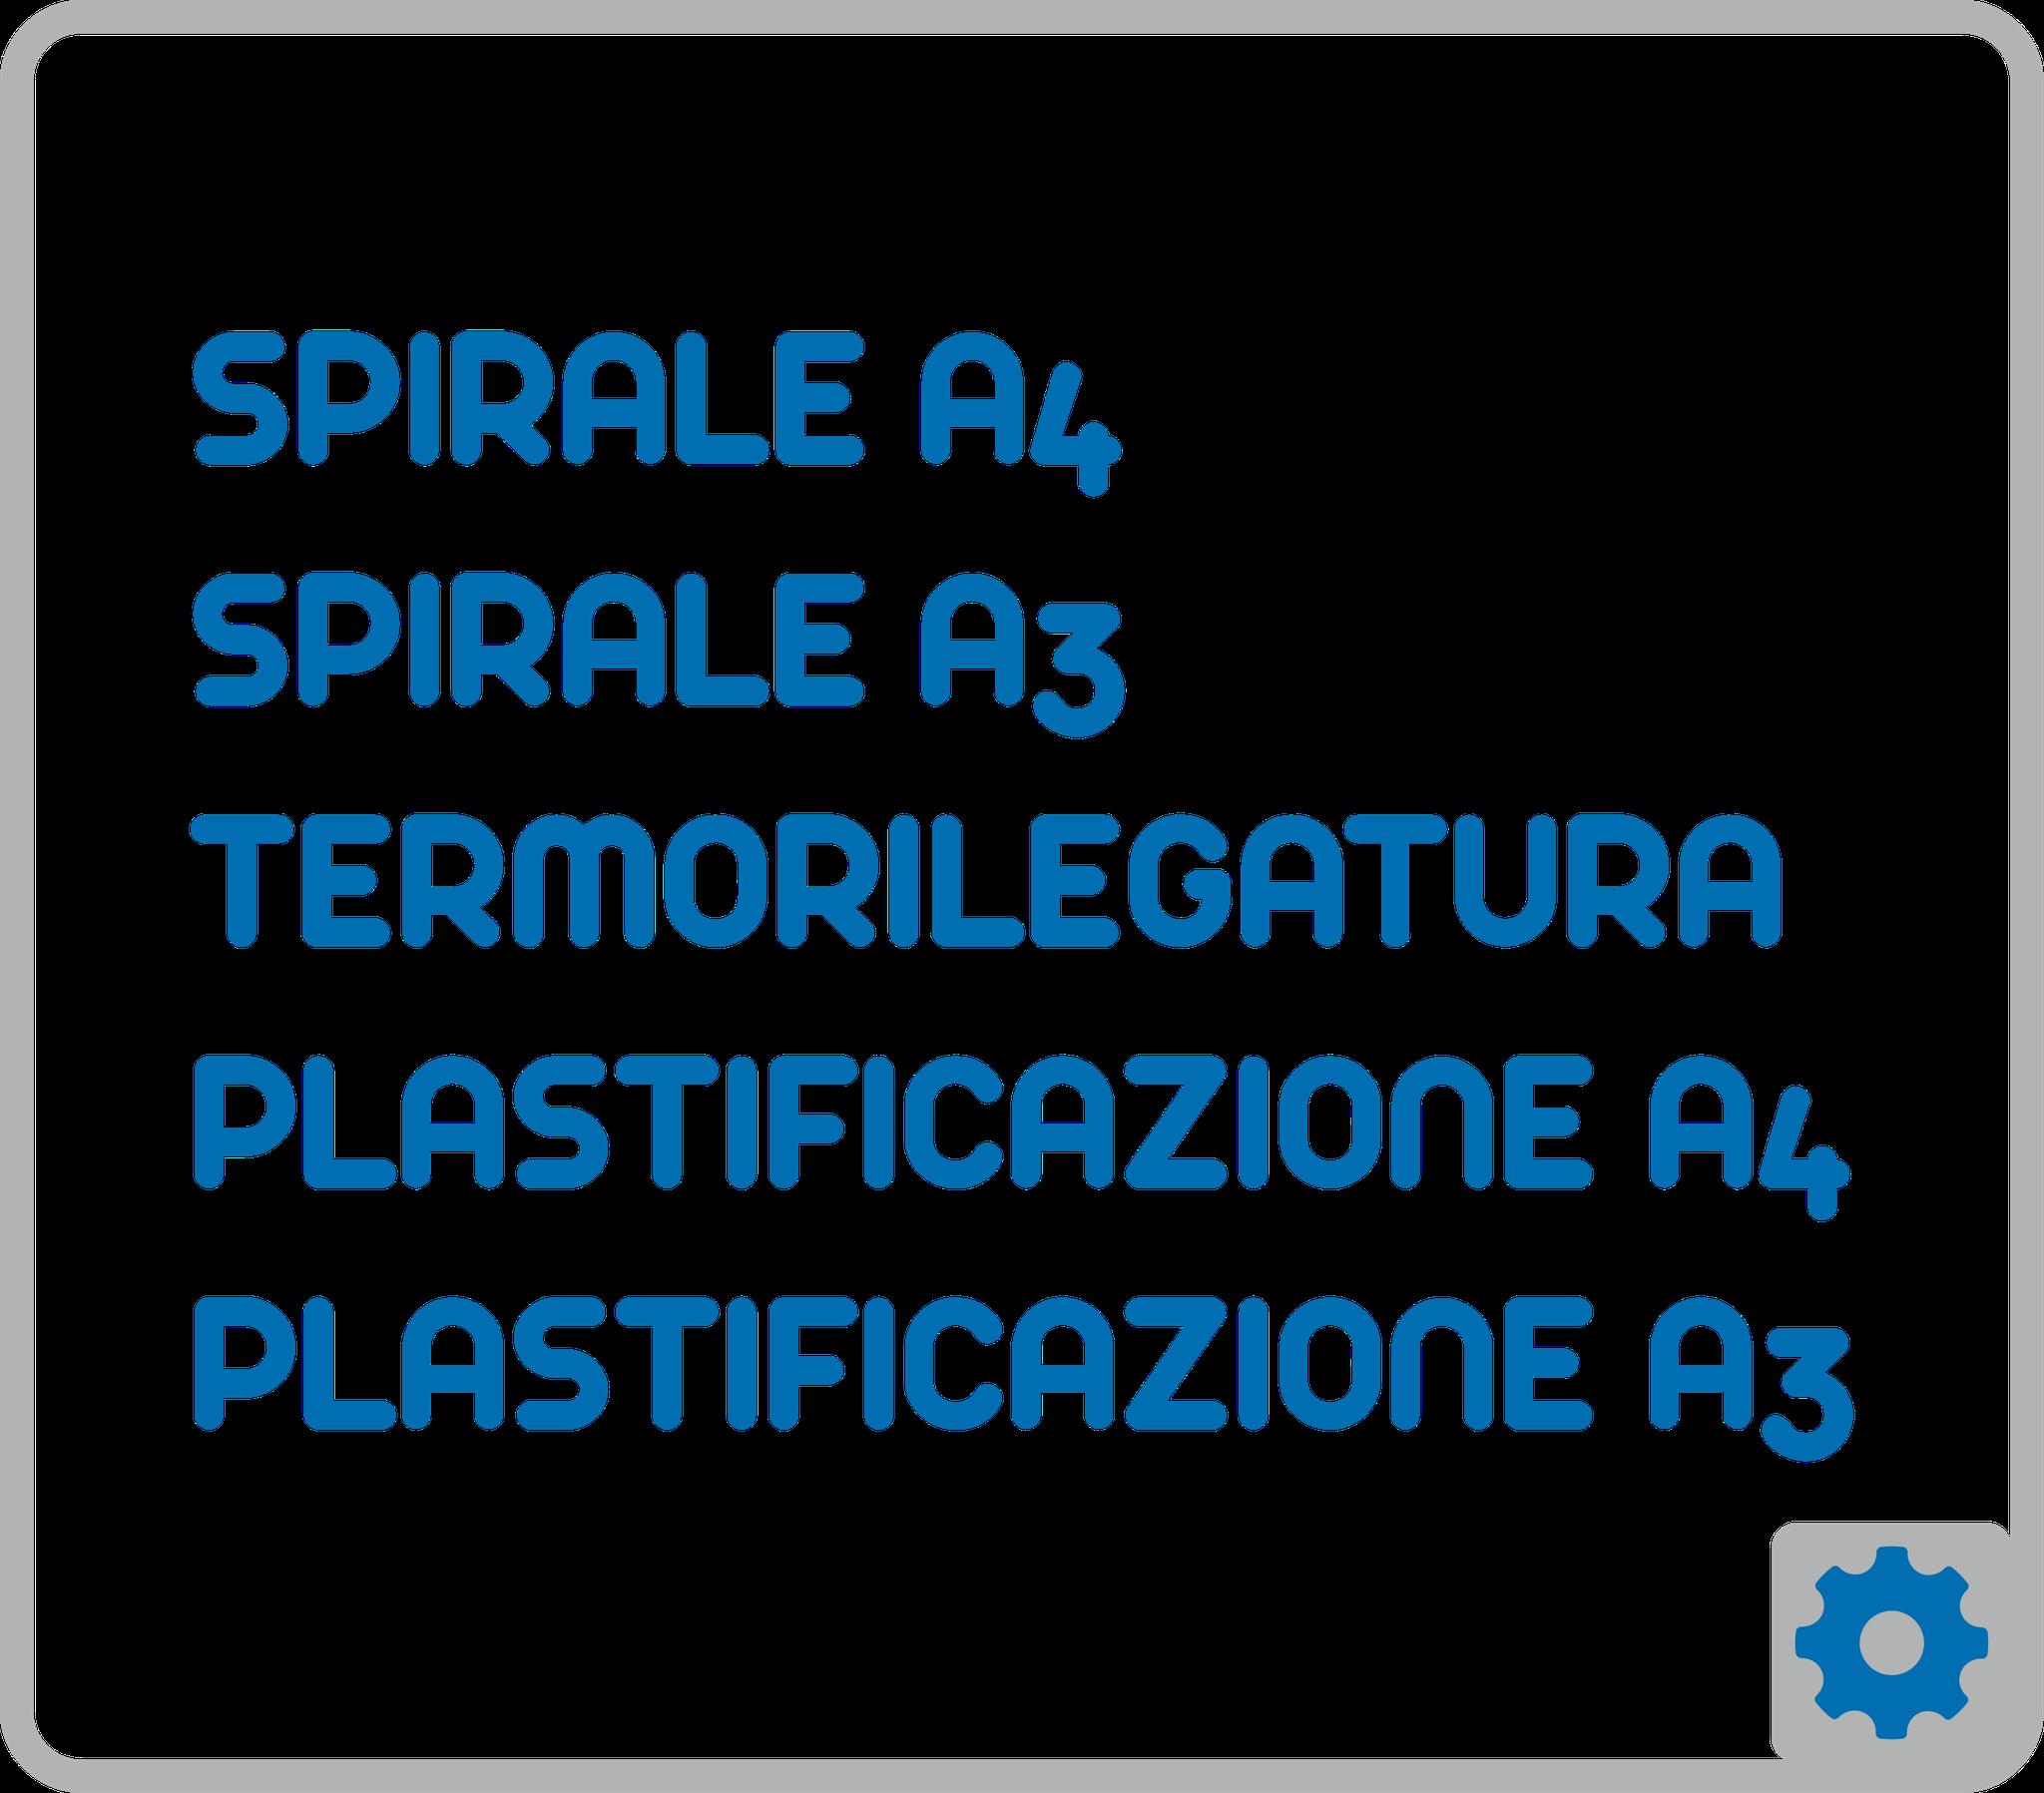 TERMORILEGATURE - PLASTIFICAZIONI